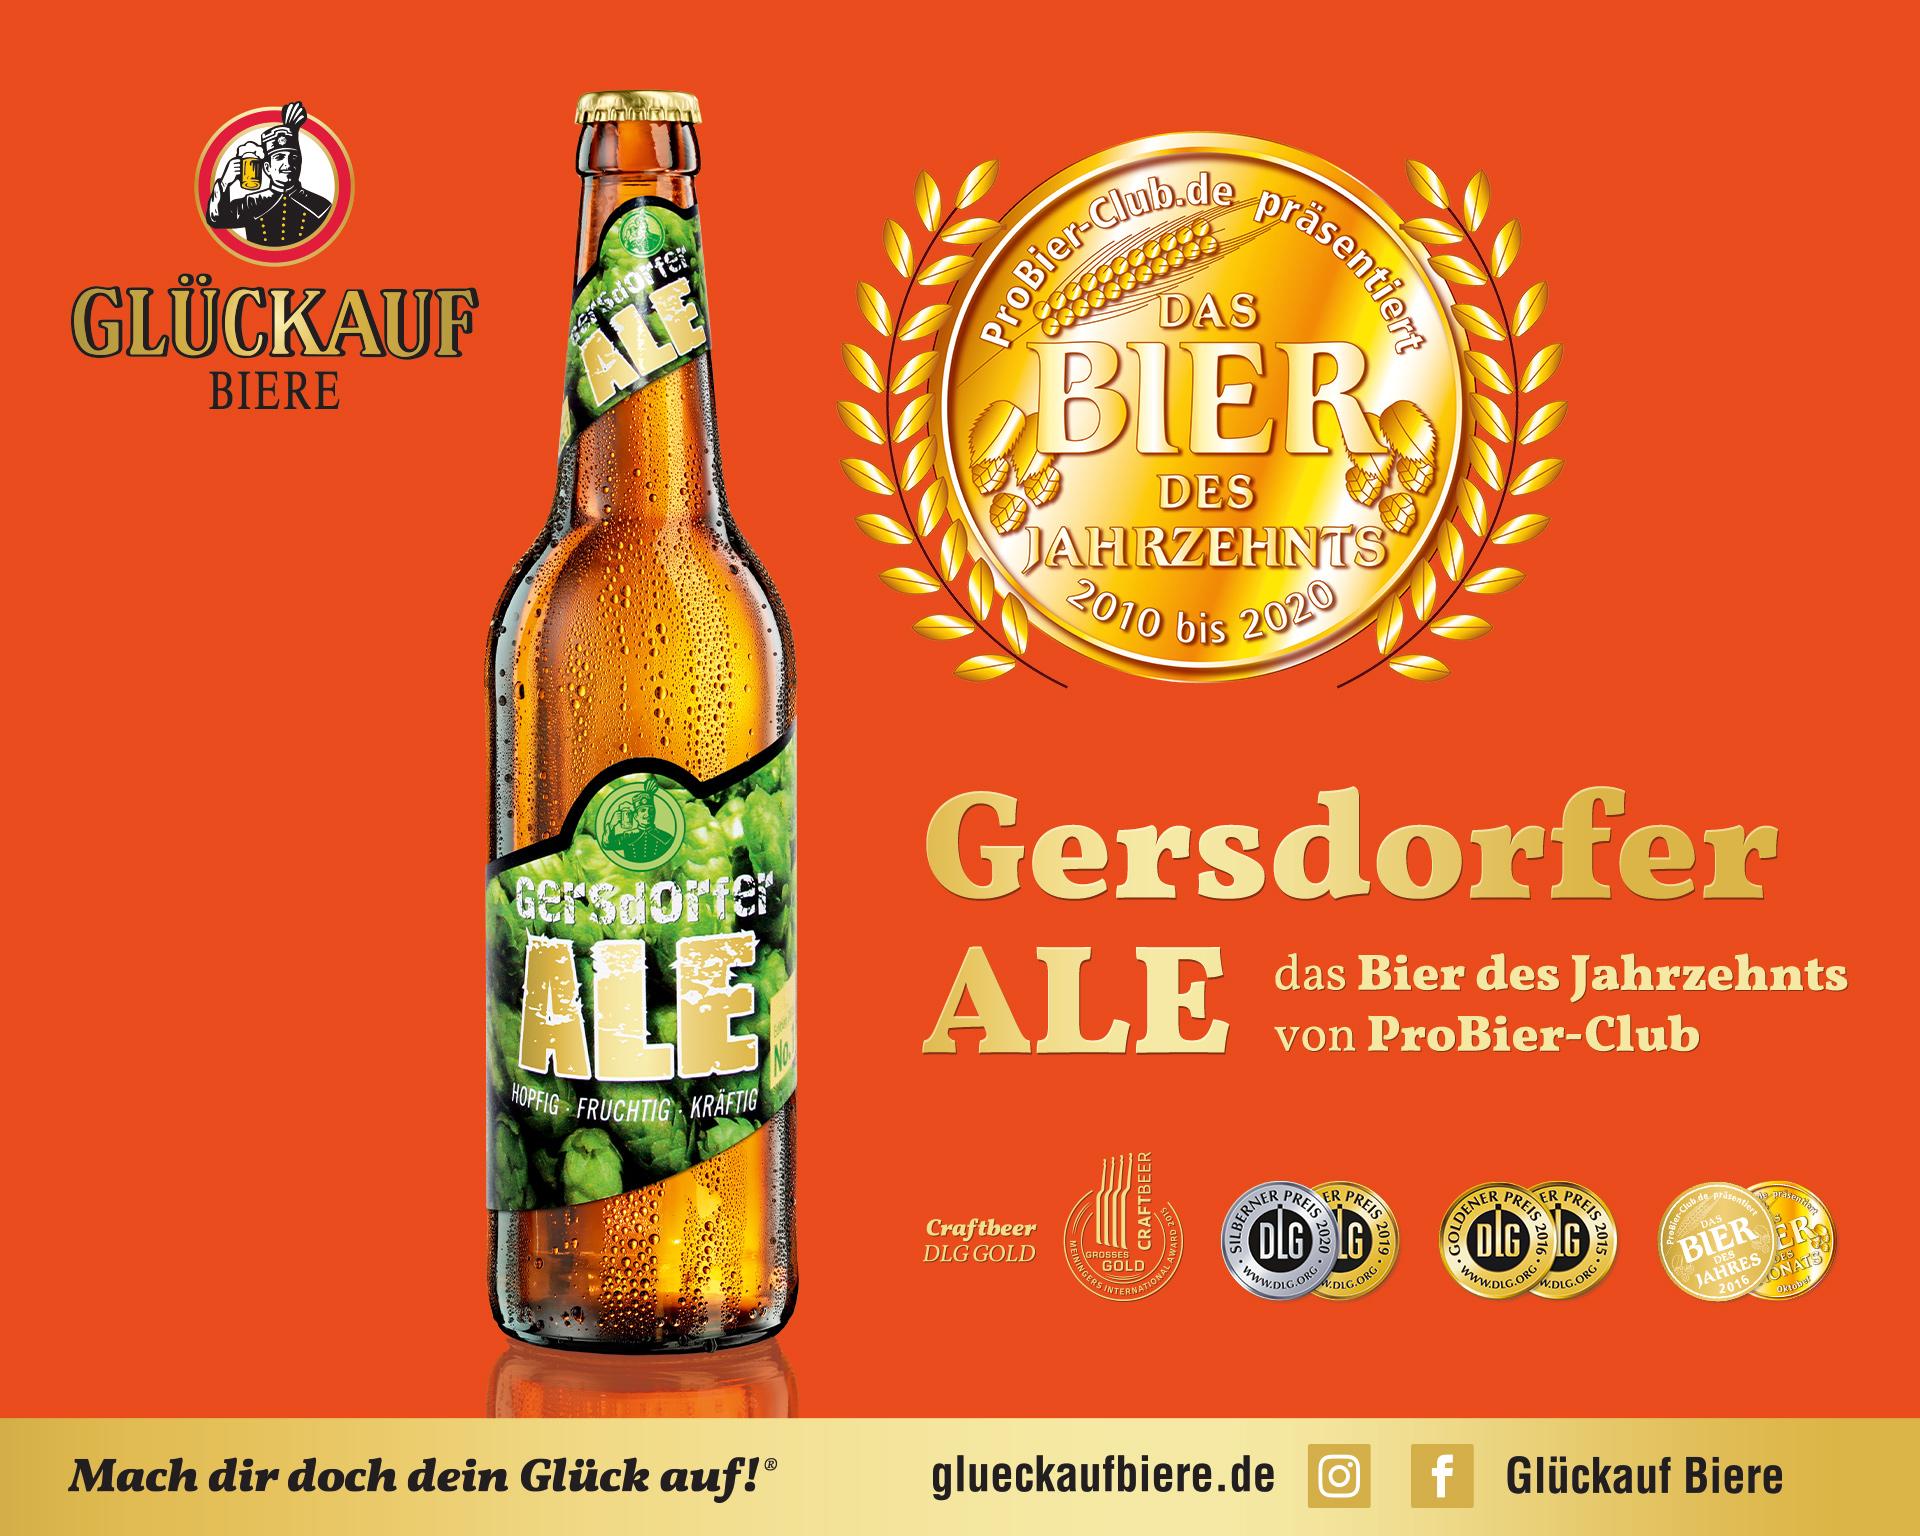 GERSDORFER ALE - Bier des Jahrzehnts